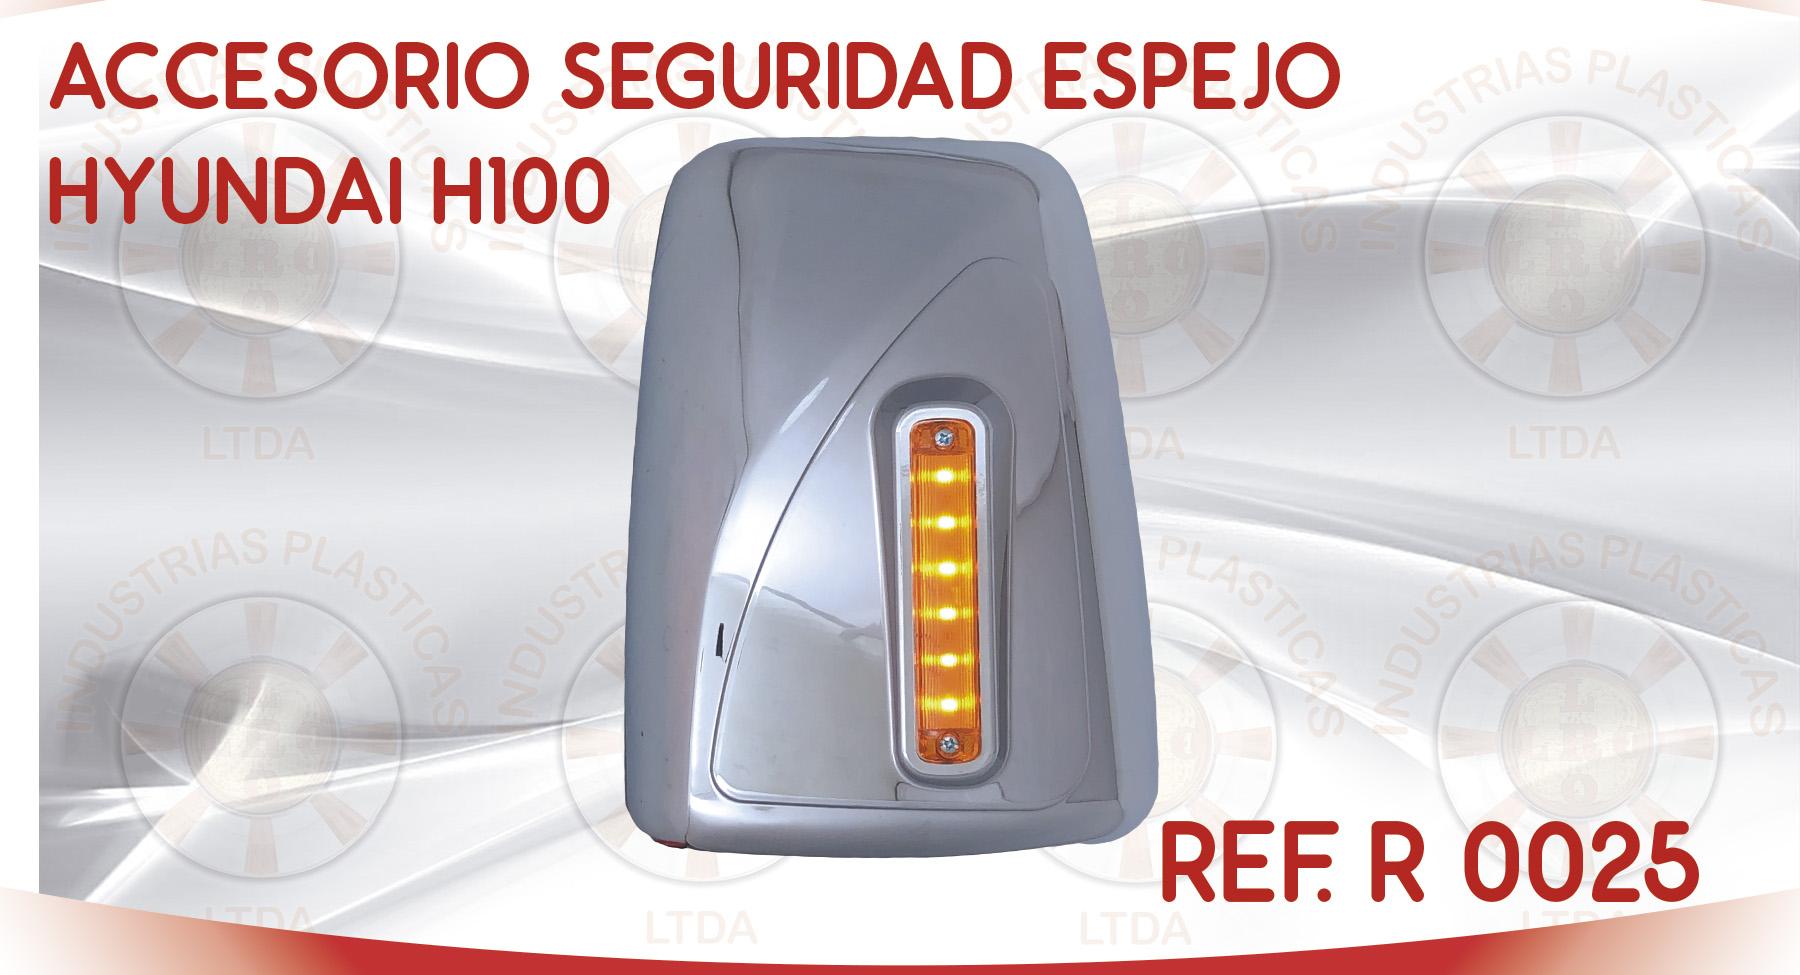 R 0025 ACCESORIO SEGURIDAD ESPEJO HYUNDAI H100